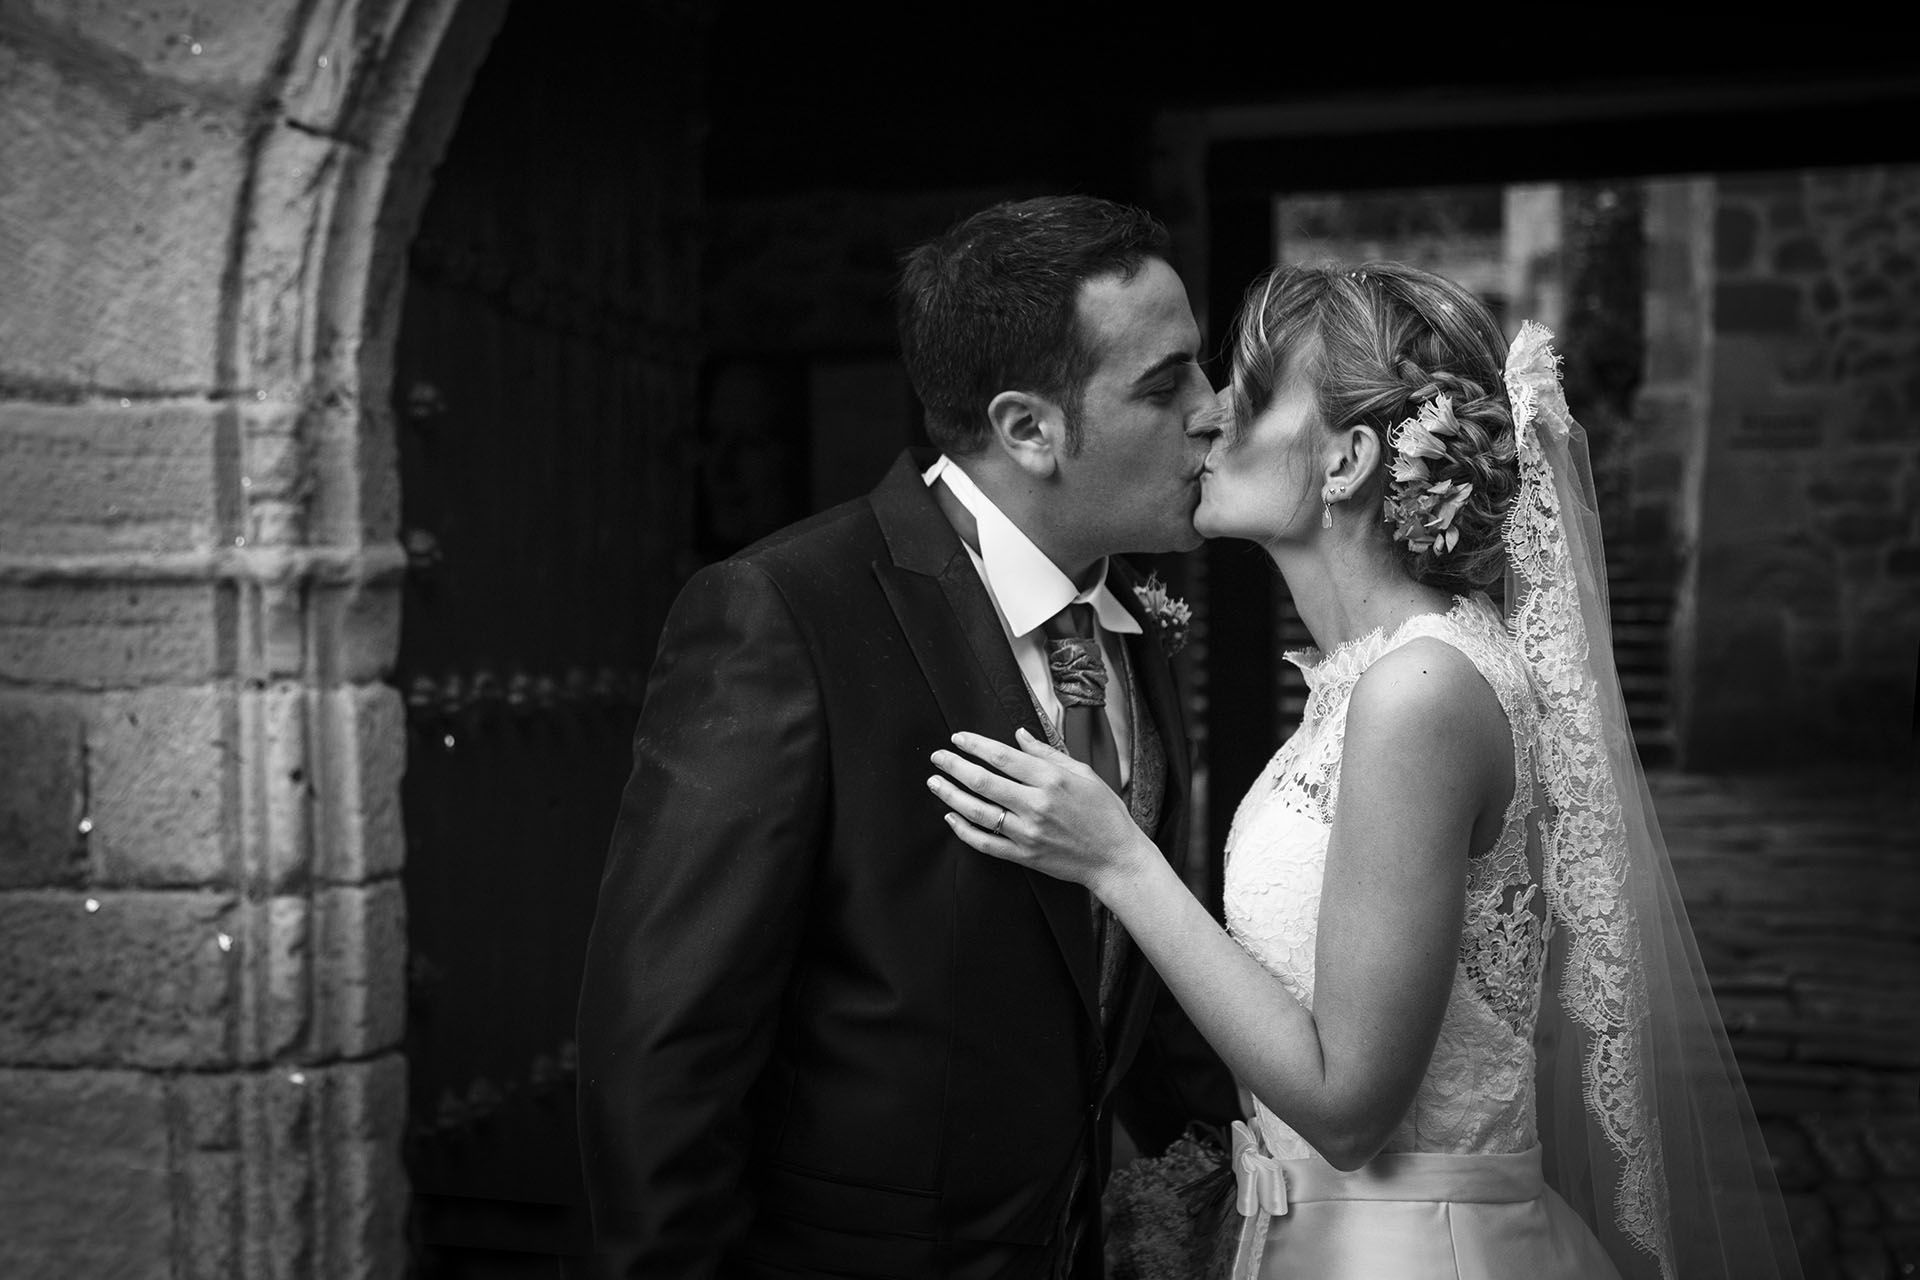 angela coronel-fotografia-bodas-molina de aragon-pilar eduardo